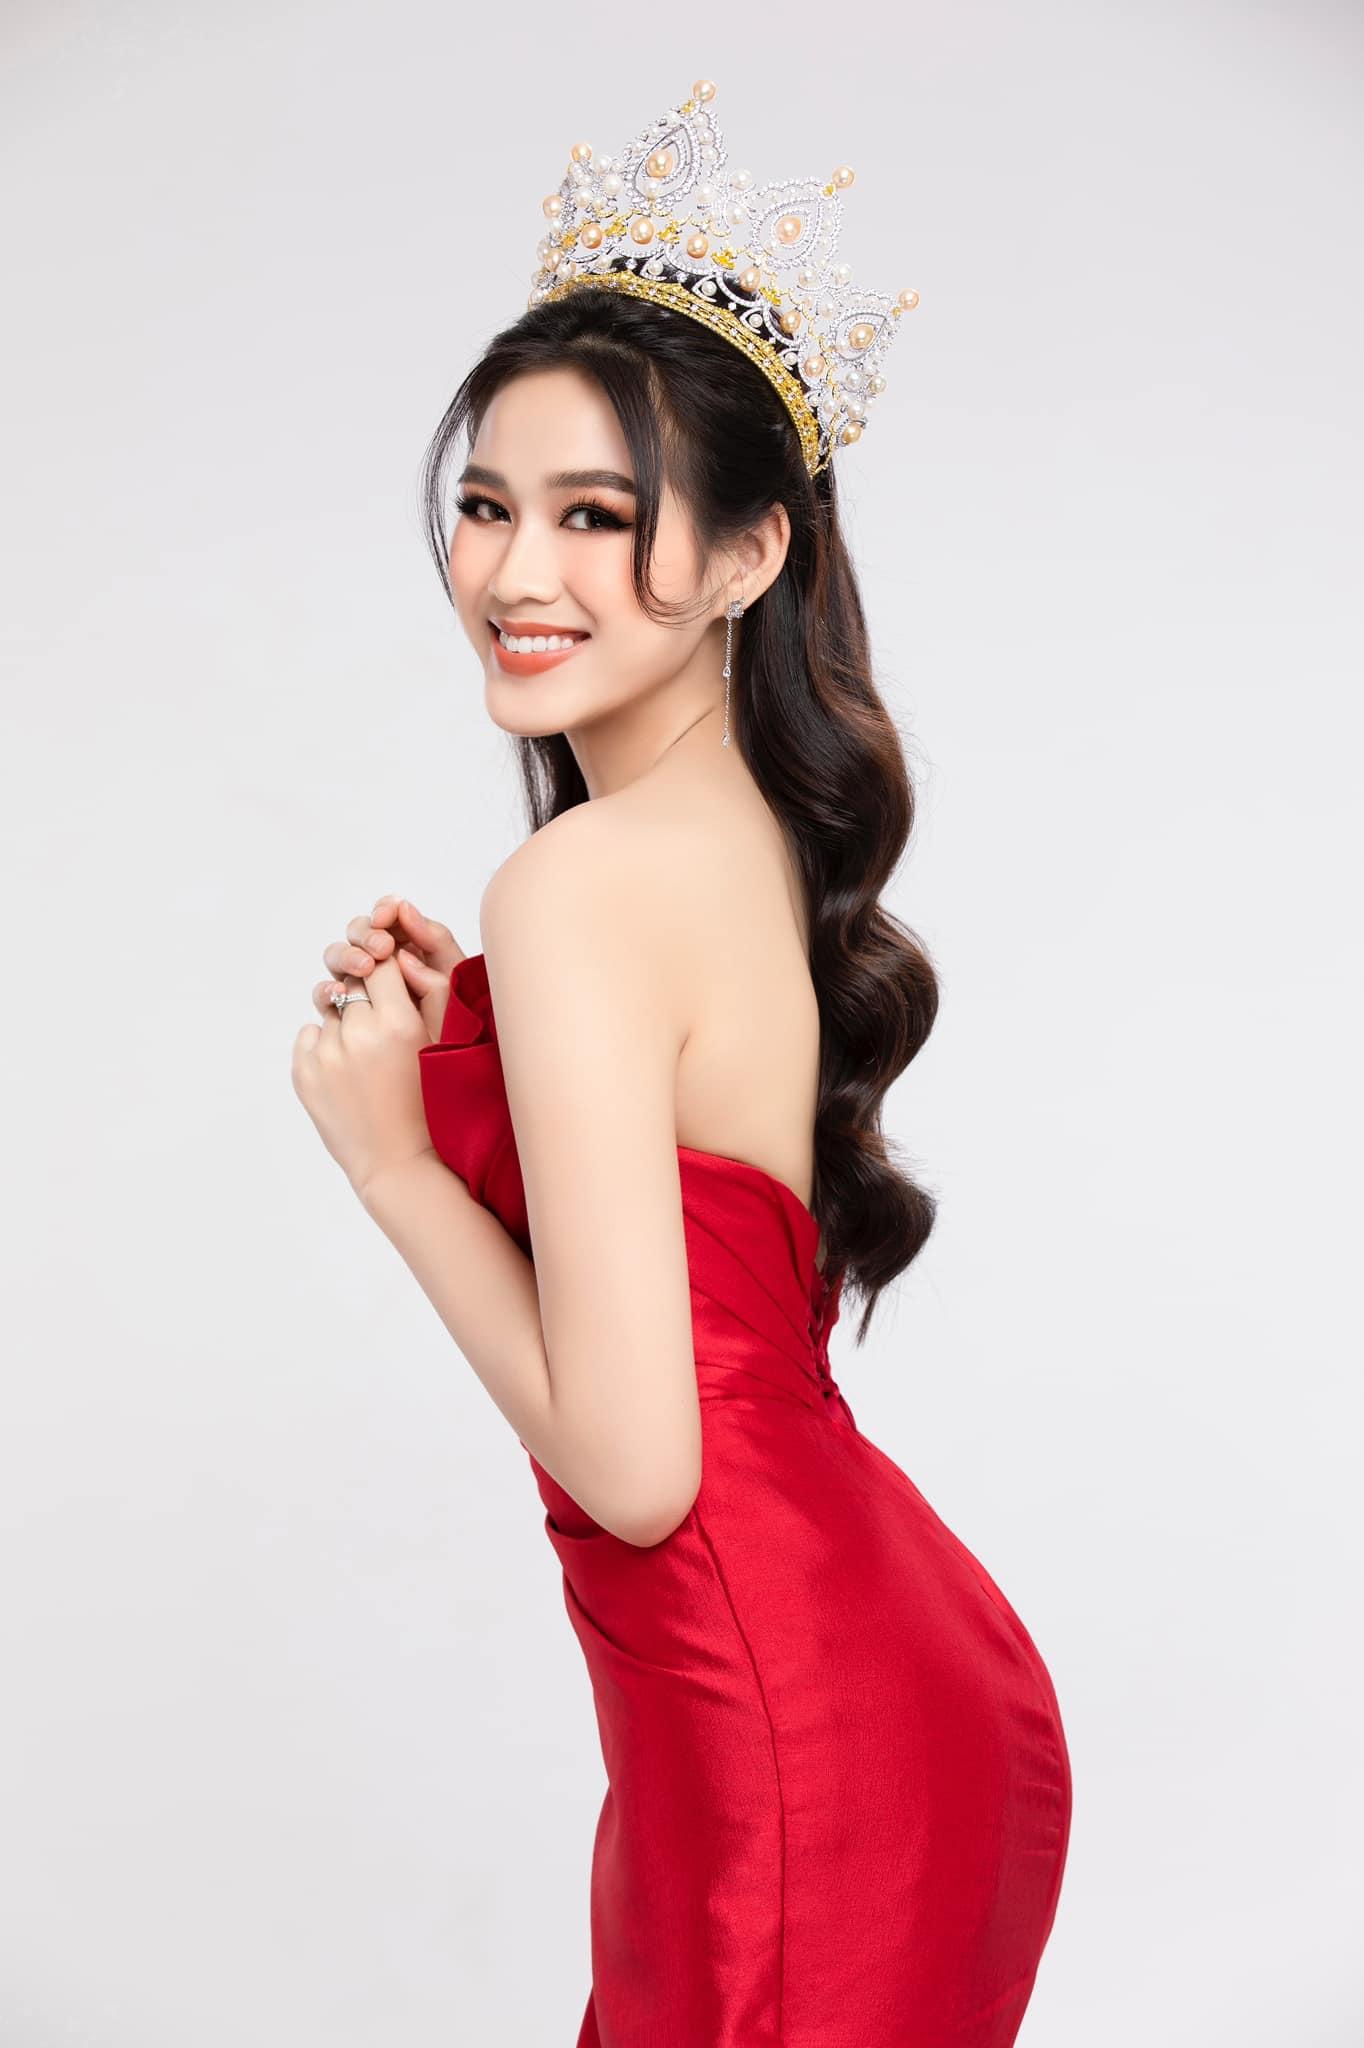 Trong bộ ảnh thời trang mừng tuổi mới, Đỗ Thị Hà đội vương miện, diện chiếc đầm quây với tông màu đỏ rực rỡ, tôn lên vẻ đẹp rạng ngời.